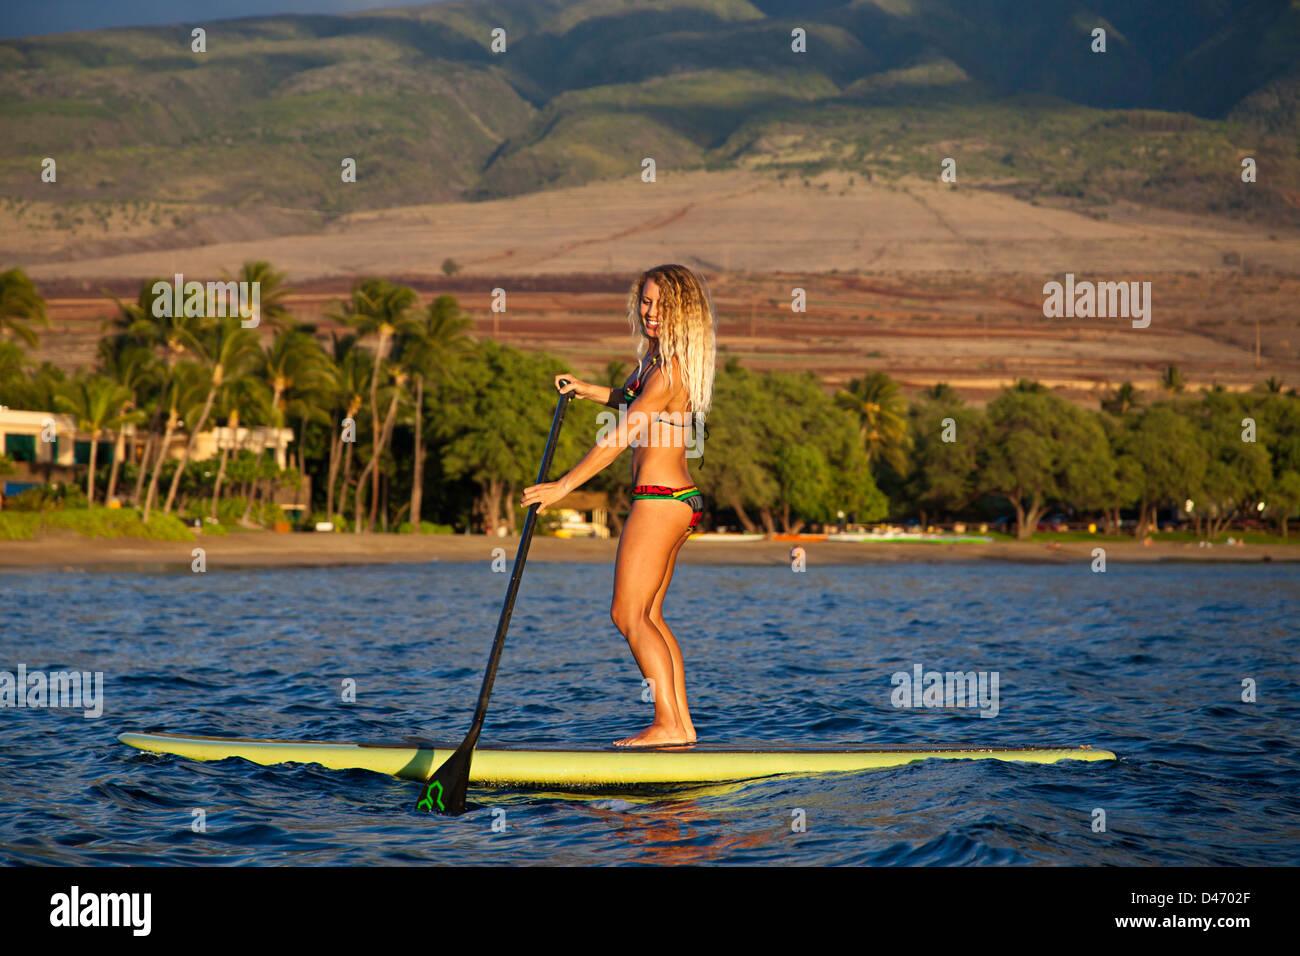 Istruttori di Surf Tara Angioletti su uno stand up paddle board off spiaggia di Canoa, Maui. Hawaii. Immagine modello Foto Stock